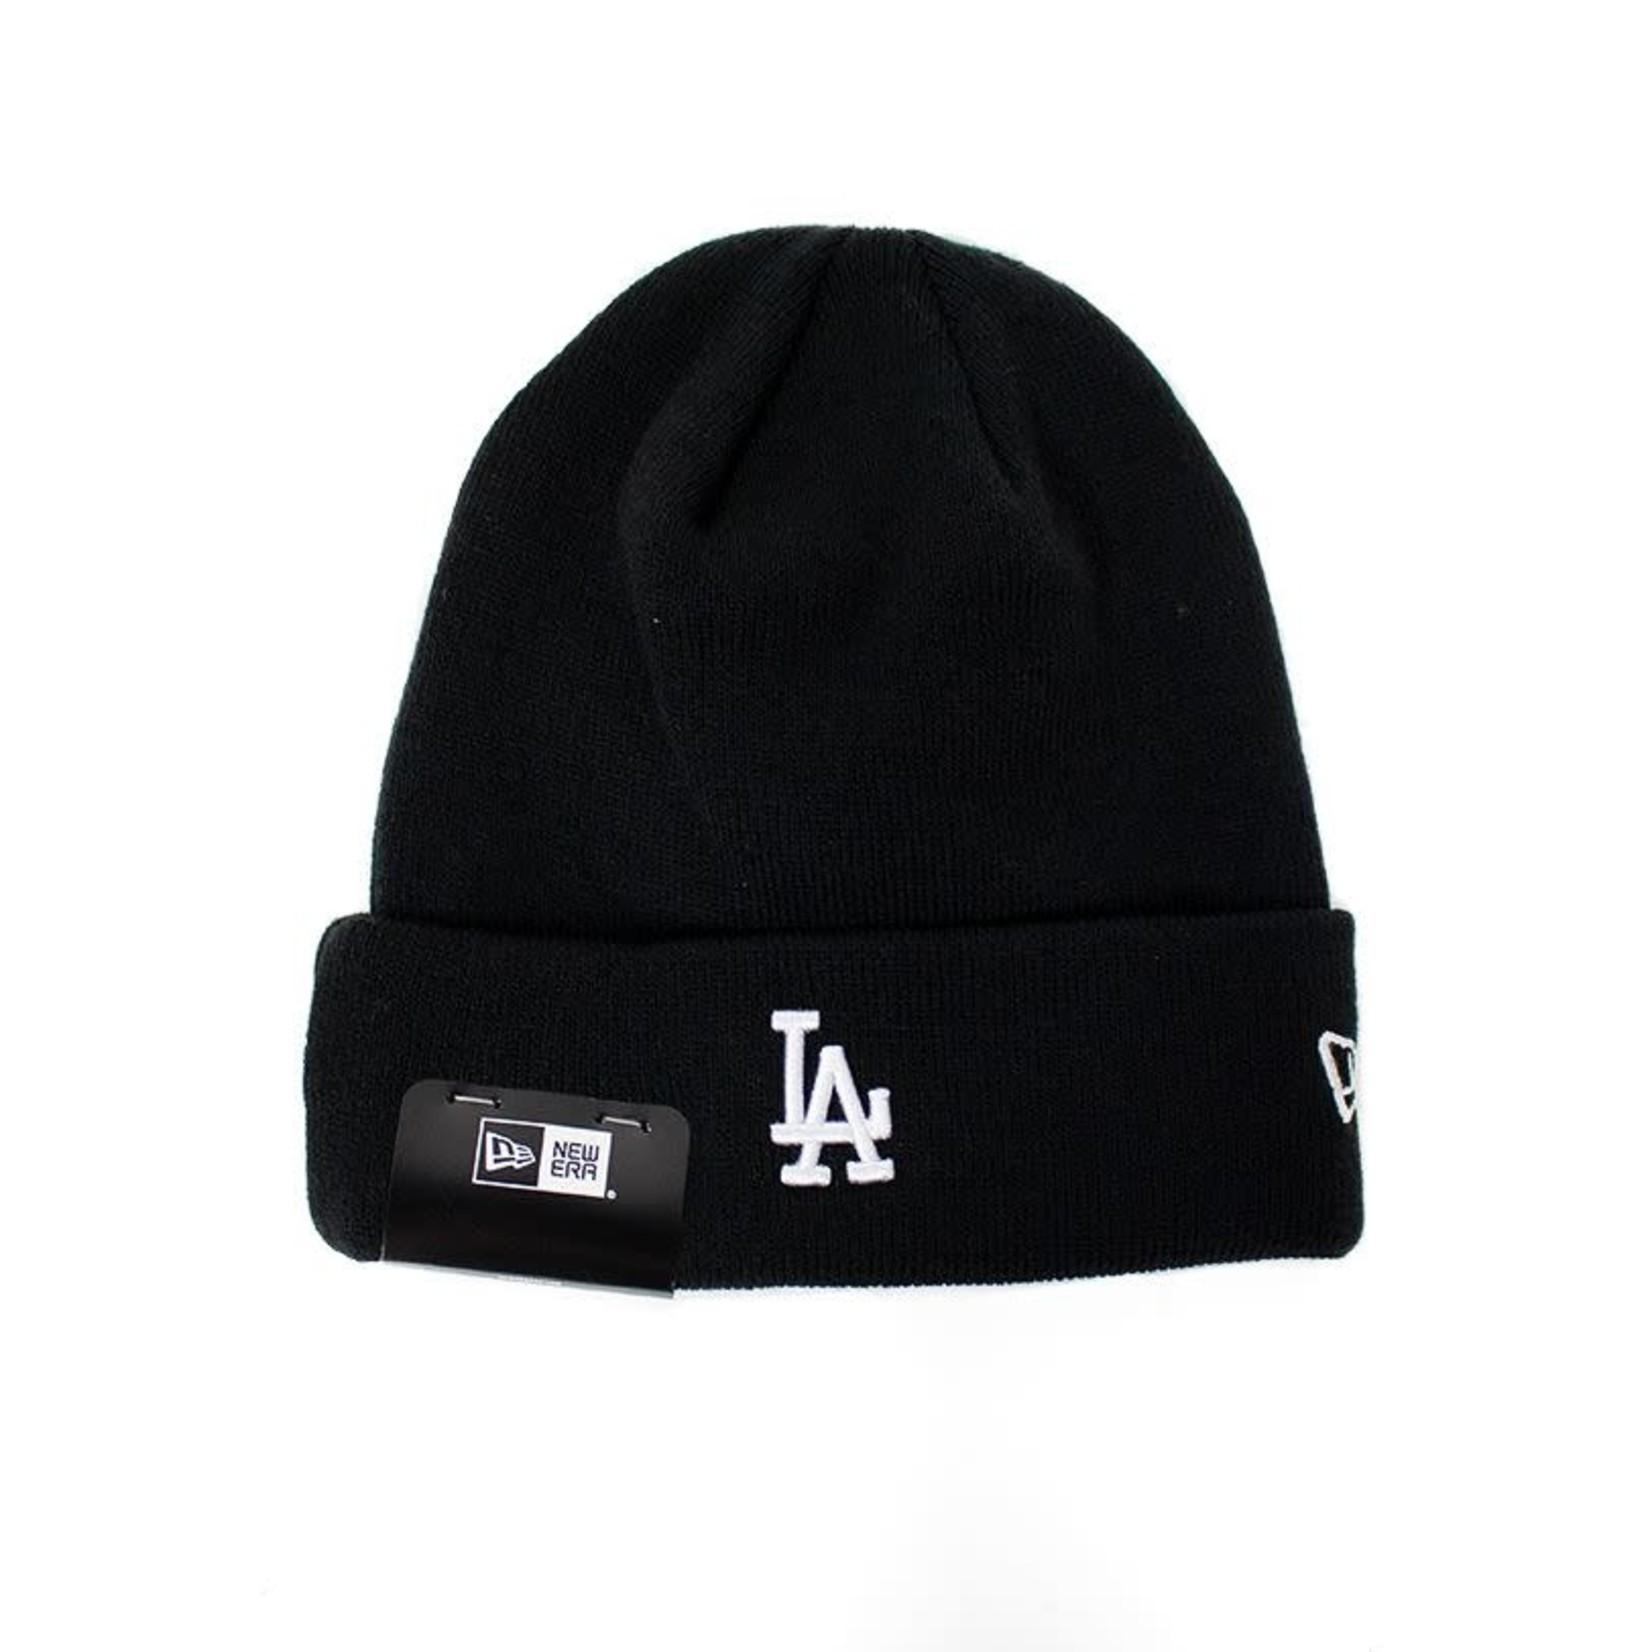 New Era New Era : Los Angeles Dodgers MLB Mini Logo Knit Cuff Beanie Black O/S